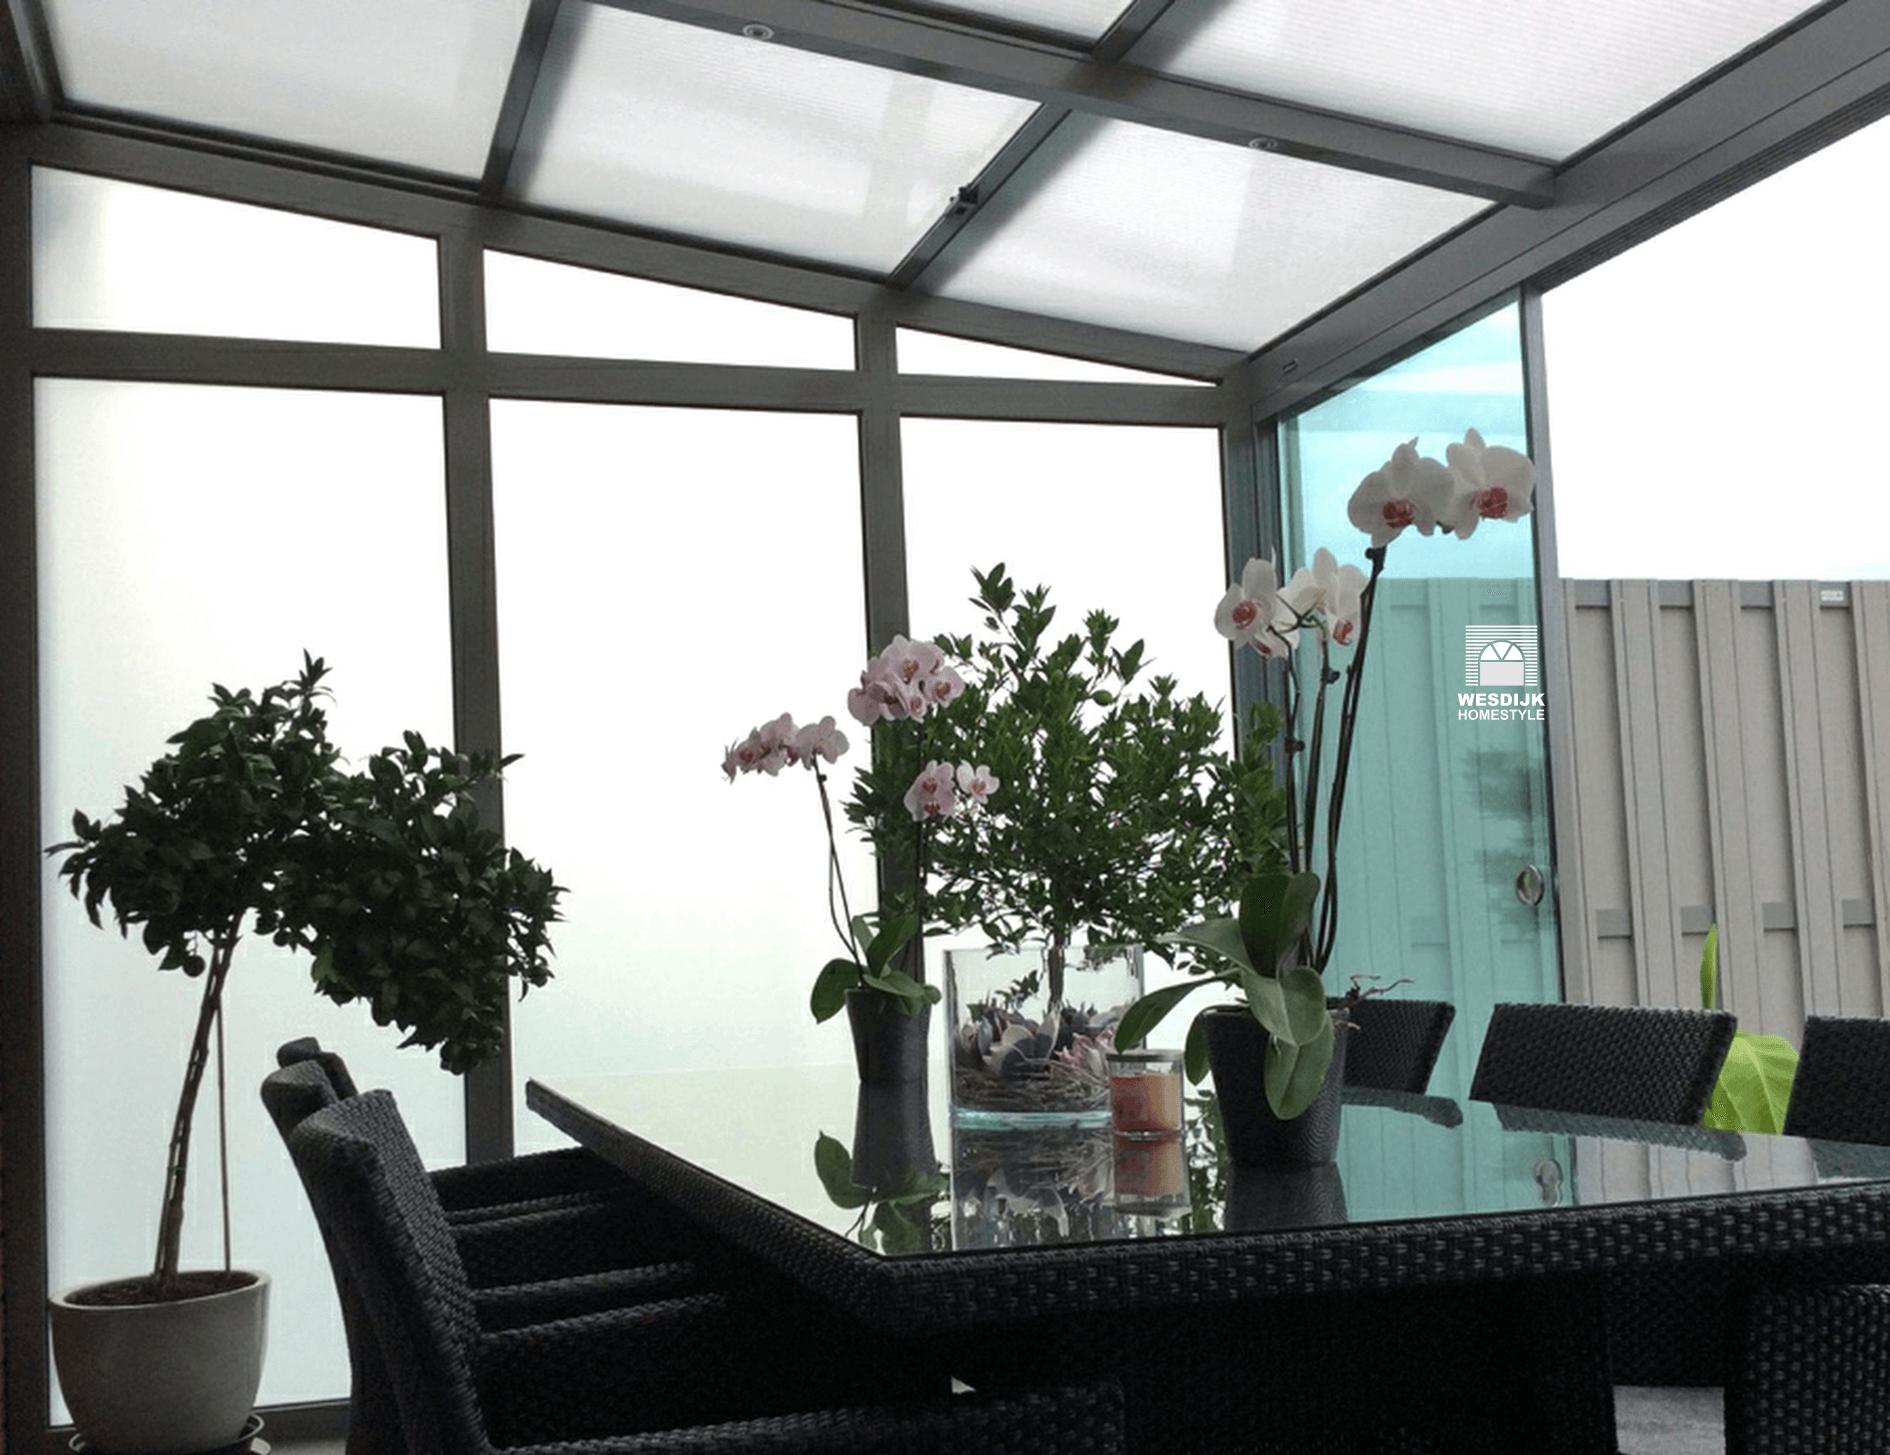 Zeer Veranda Zeeland specialist in veranda's, terrasoverkappingen en @YU38